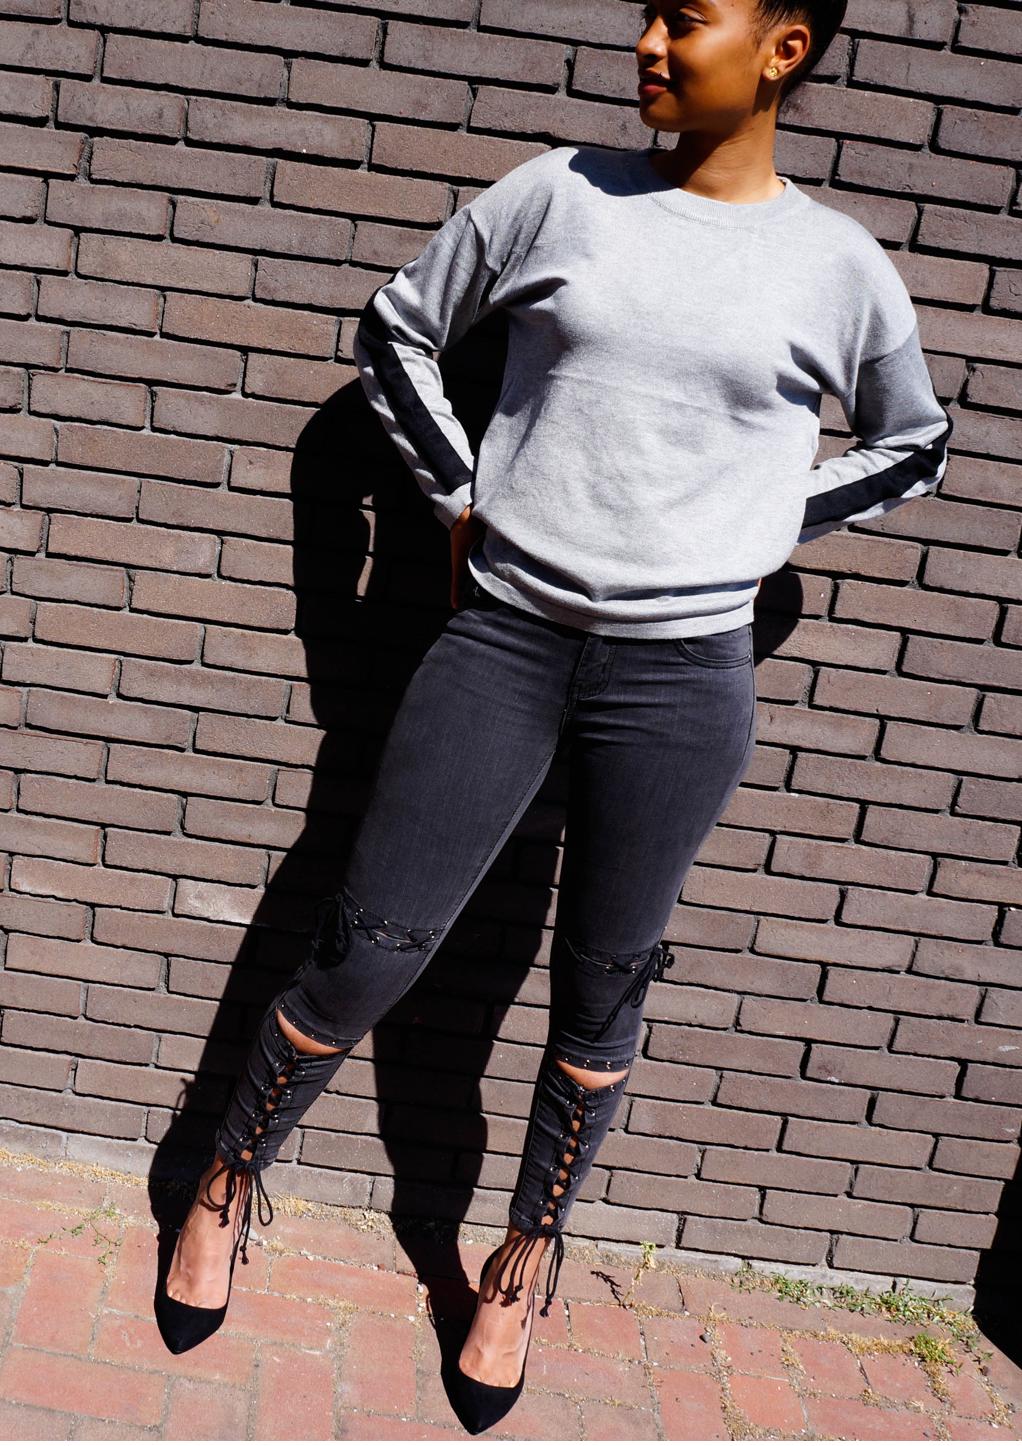 Grijze broek met zwarte veters